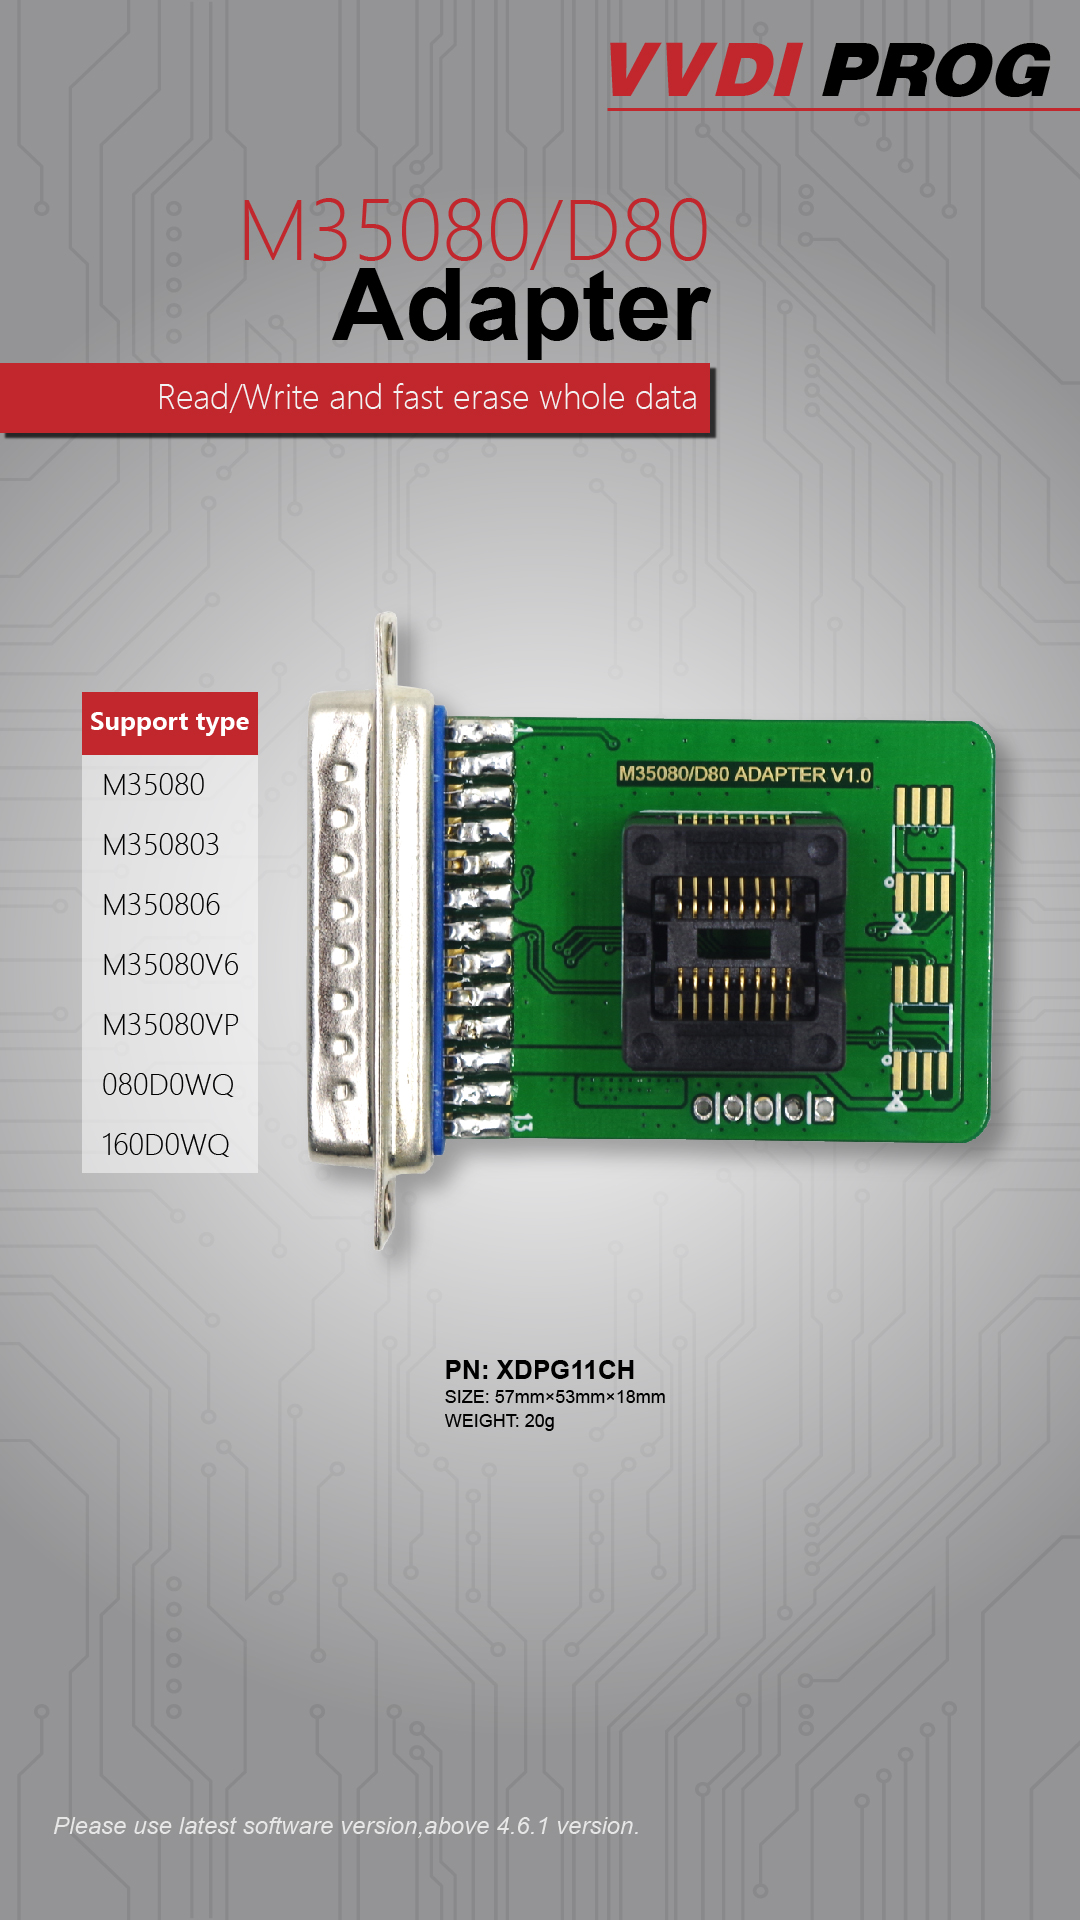 VVDI-Prog-V4-6-2-adapters